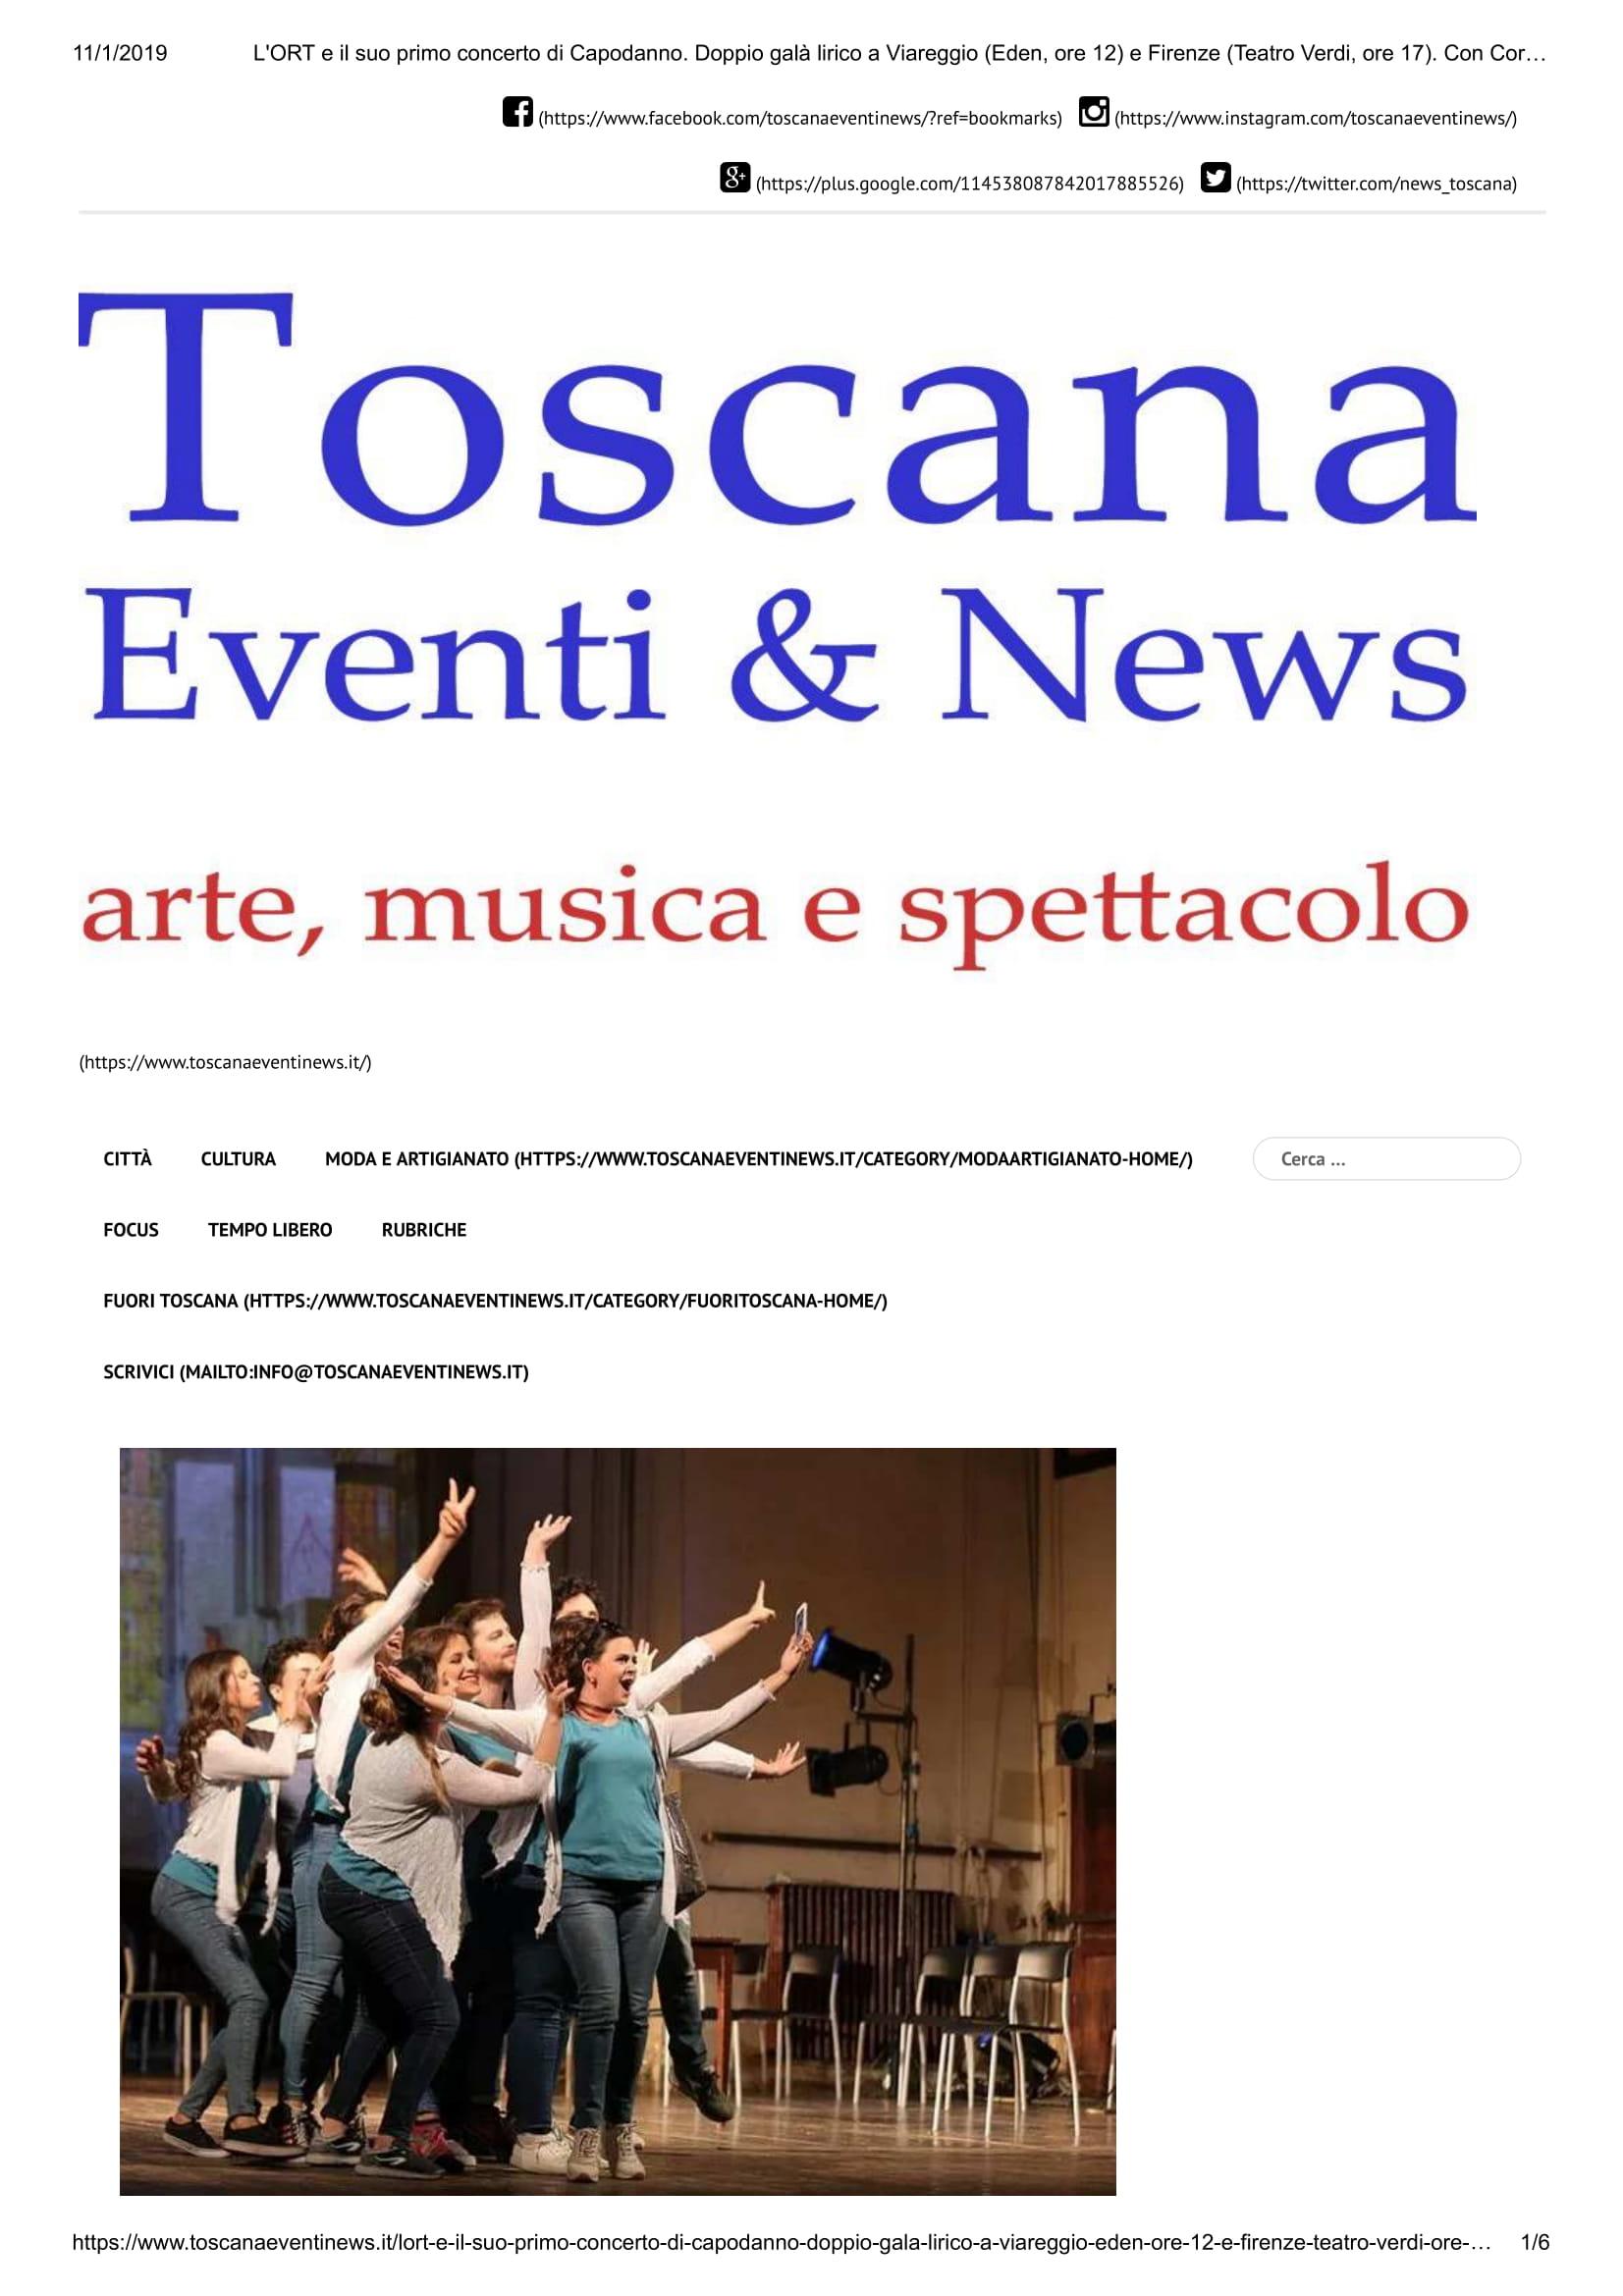 L'ORT e il suo primo concerto di Capoda... Corso d'Opera – Toscana Eventi & News-1